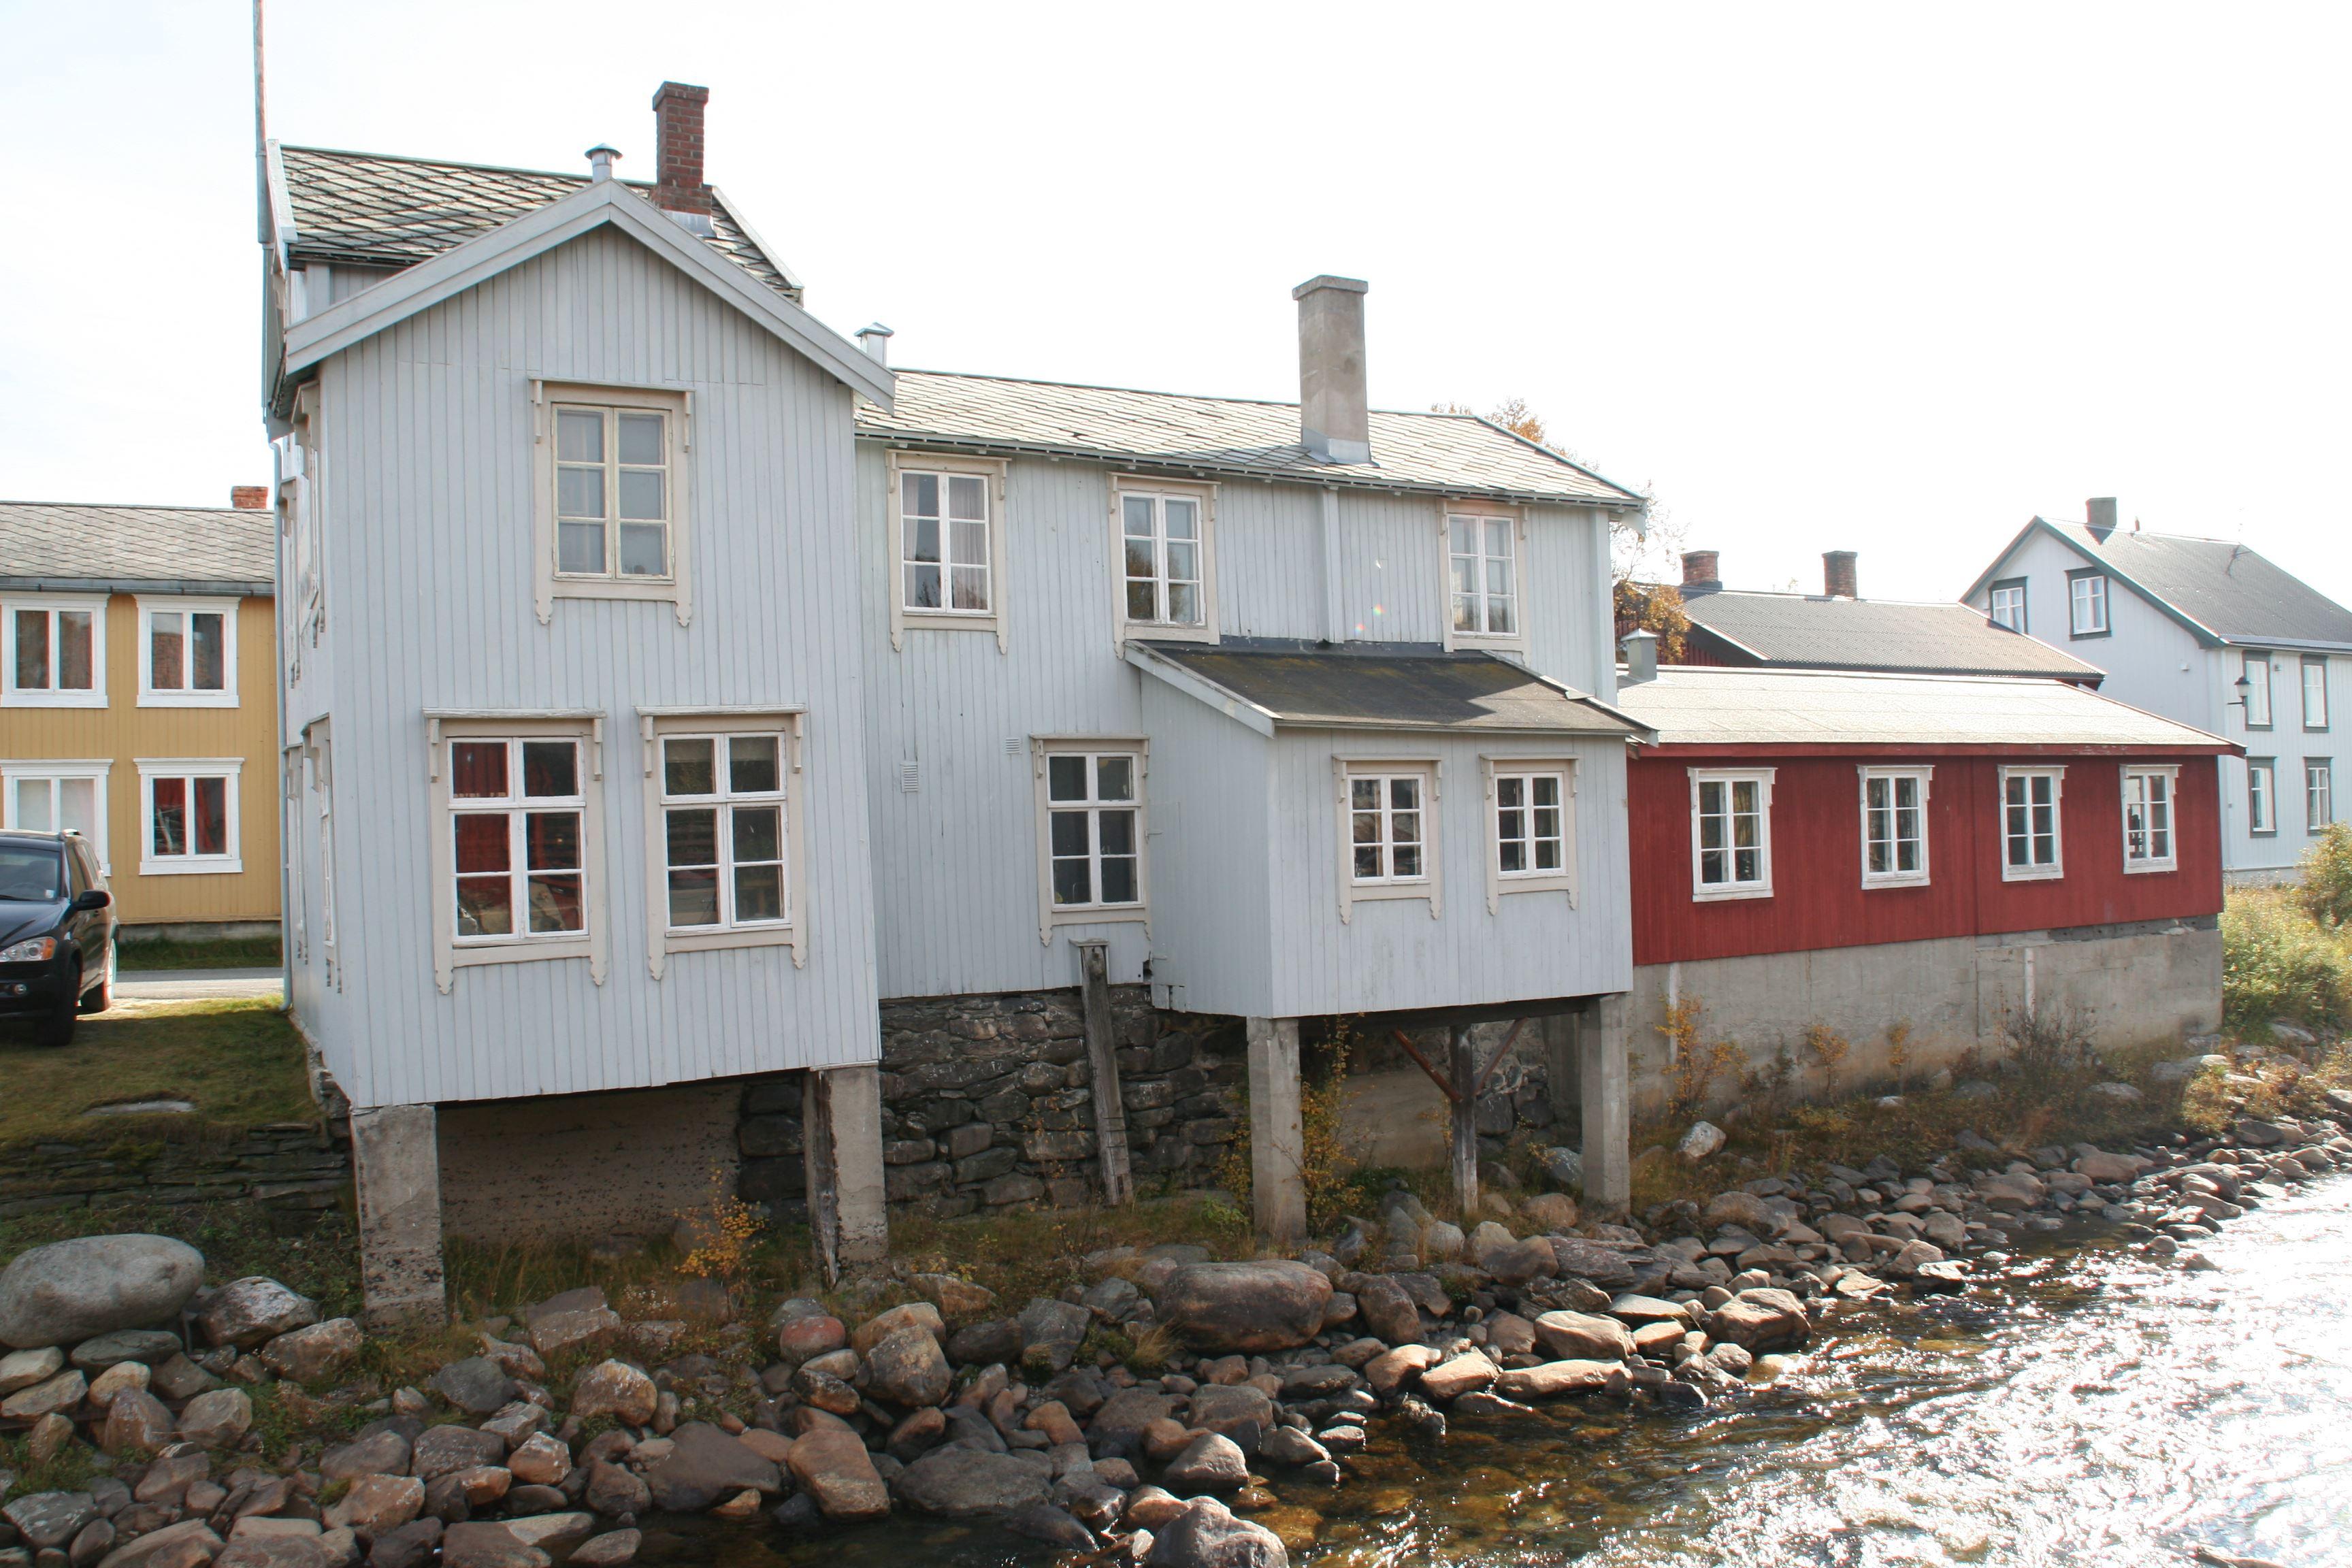 © Rørosmuseet, Sommervandringer: Omvisning i Pressemuseet Fjeld-Ljom